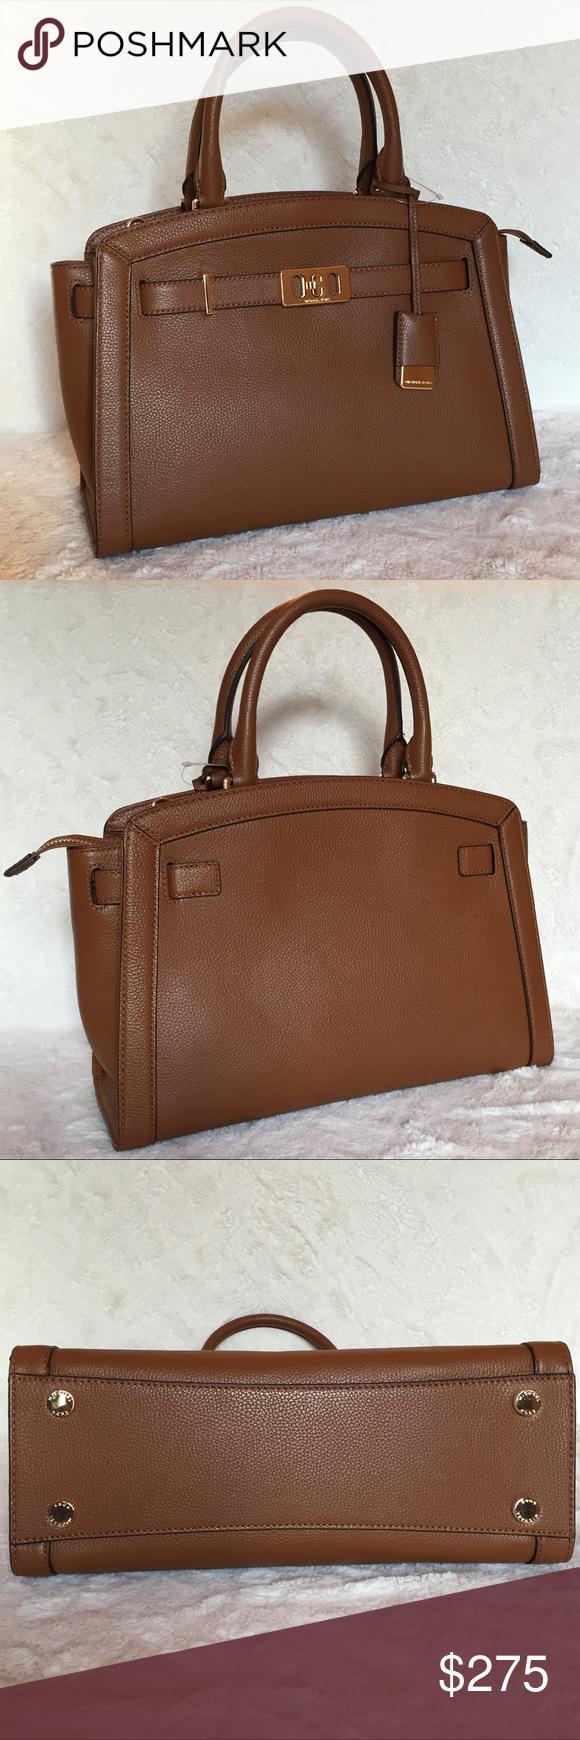 fbae1c032006 Michael Kors Karson Luggage Bag Michael Kors Karson bag in luggage.  Crossbody strap included.